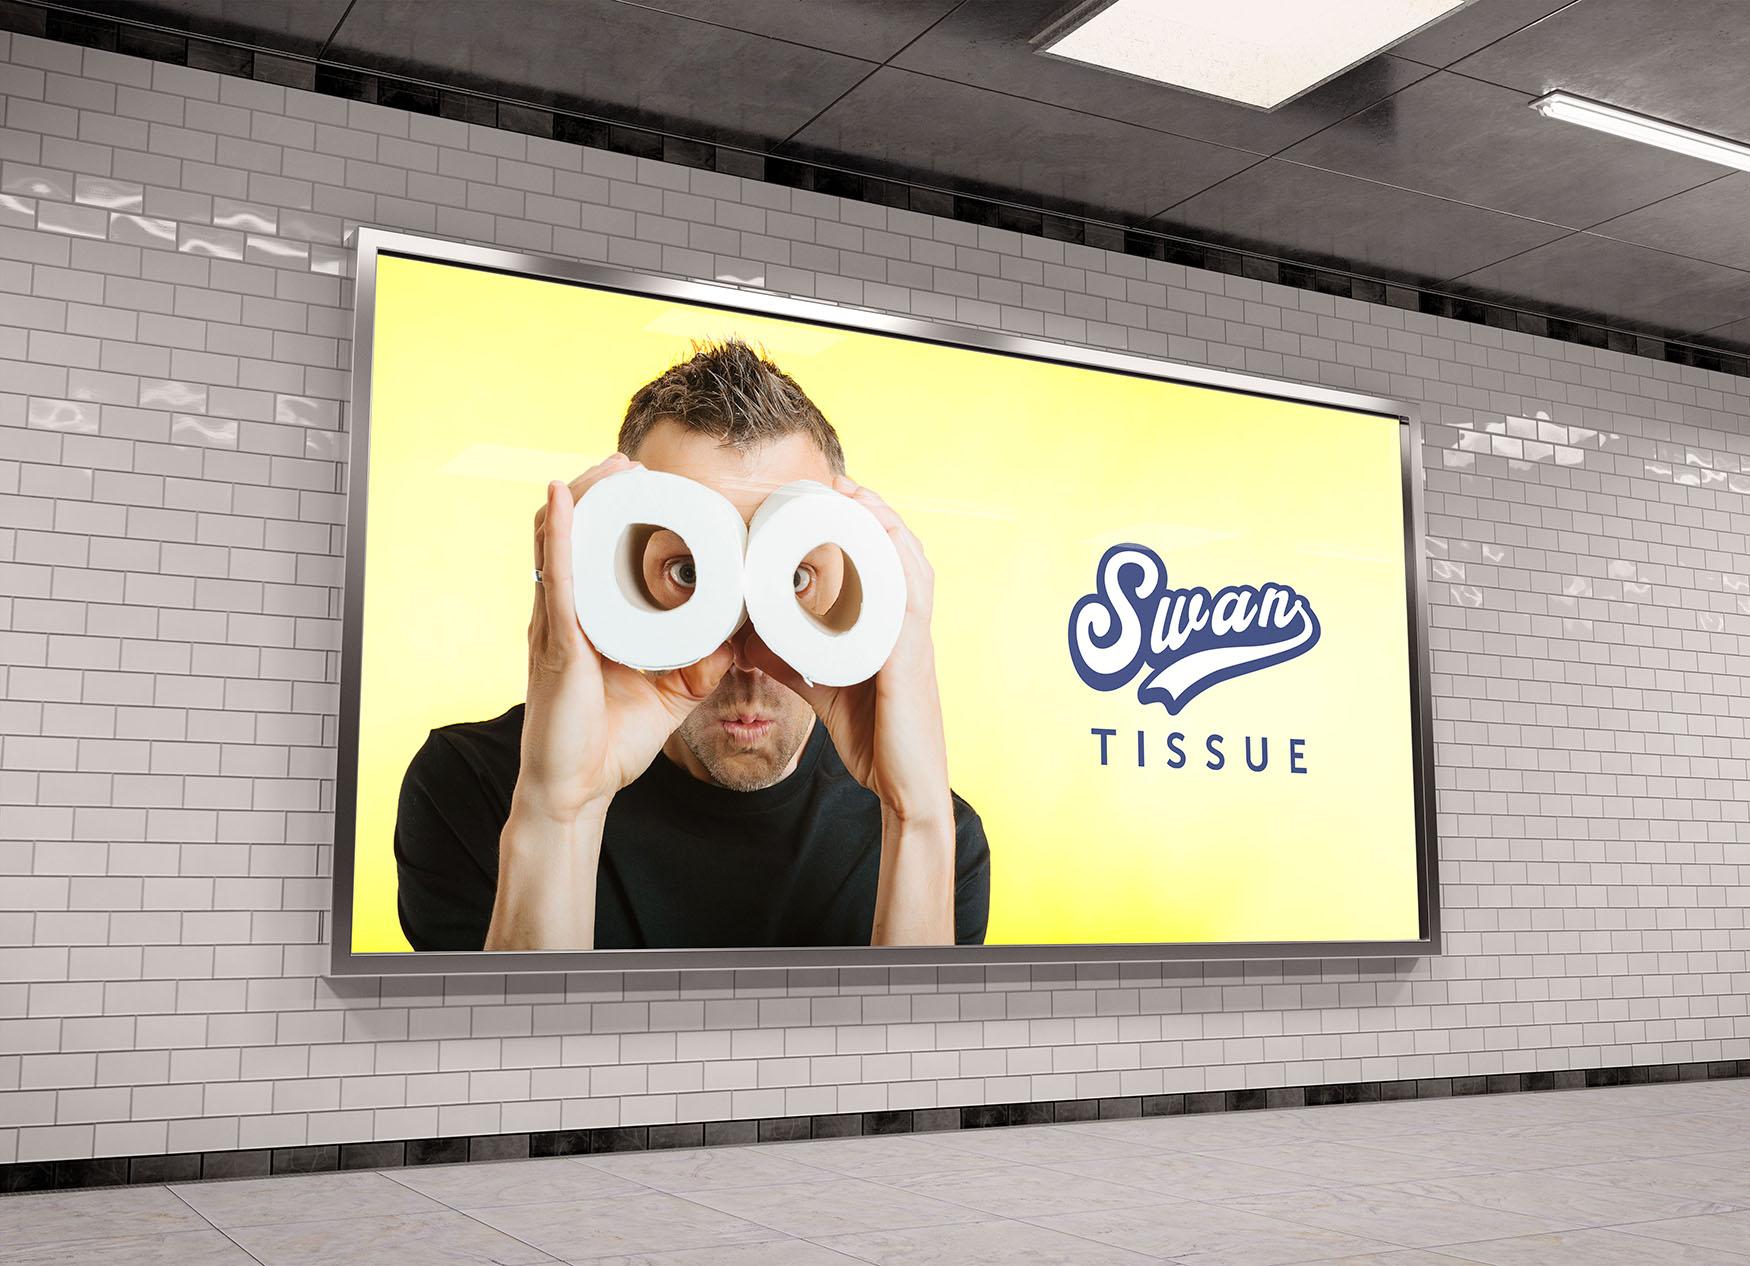 Sample underground billboard advert